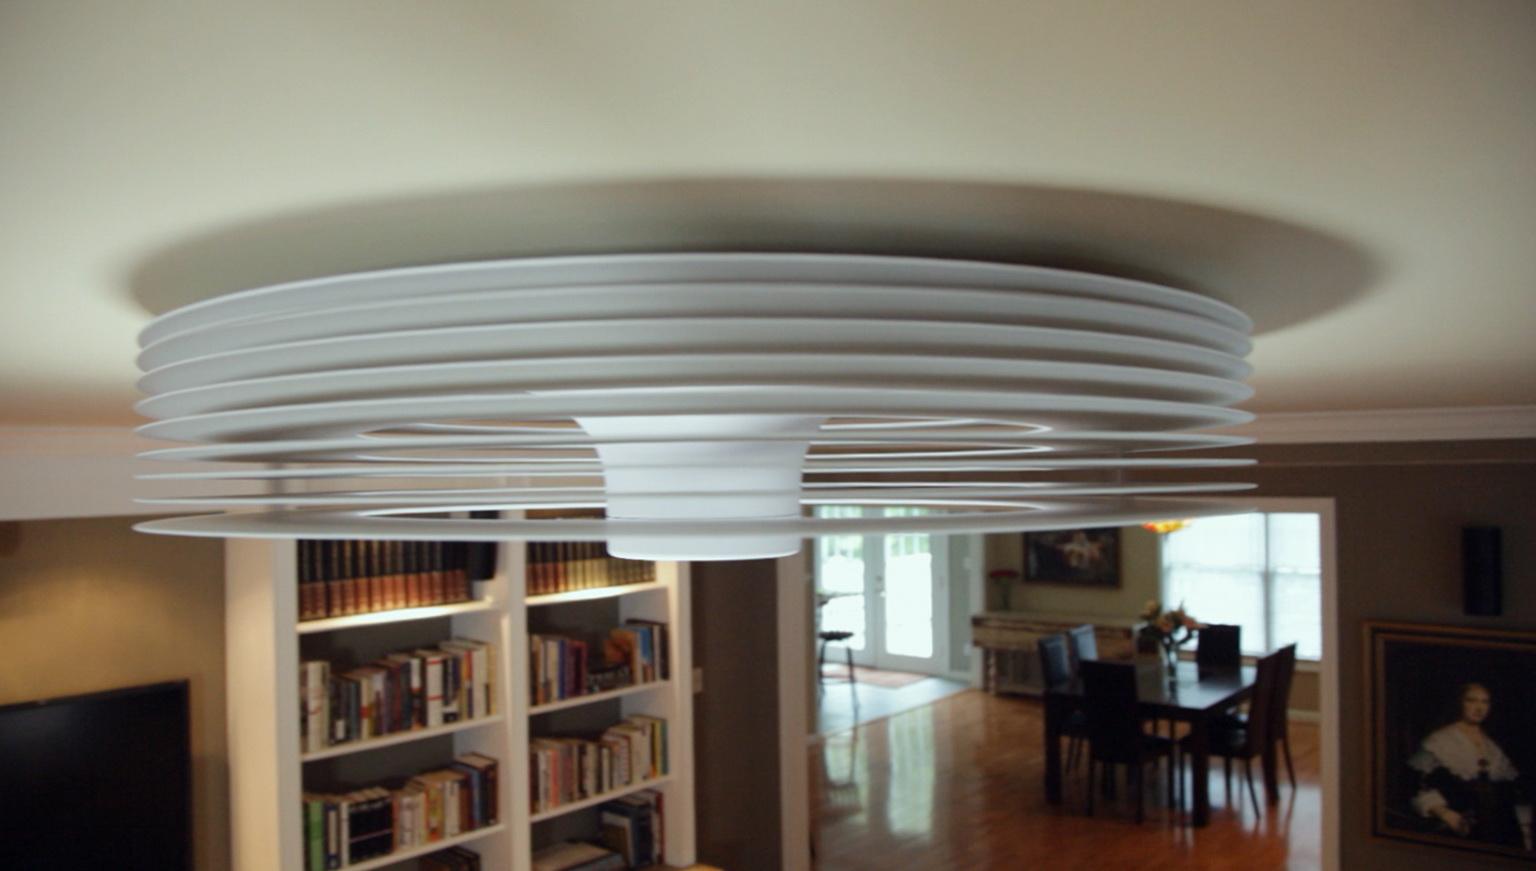 Ceiling bladeless fan  tips for installing  Warisan Lighting